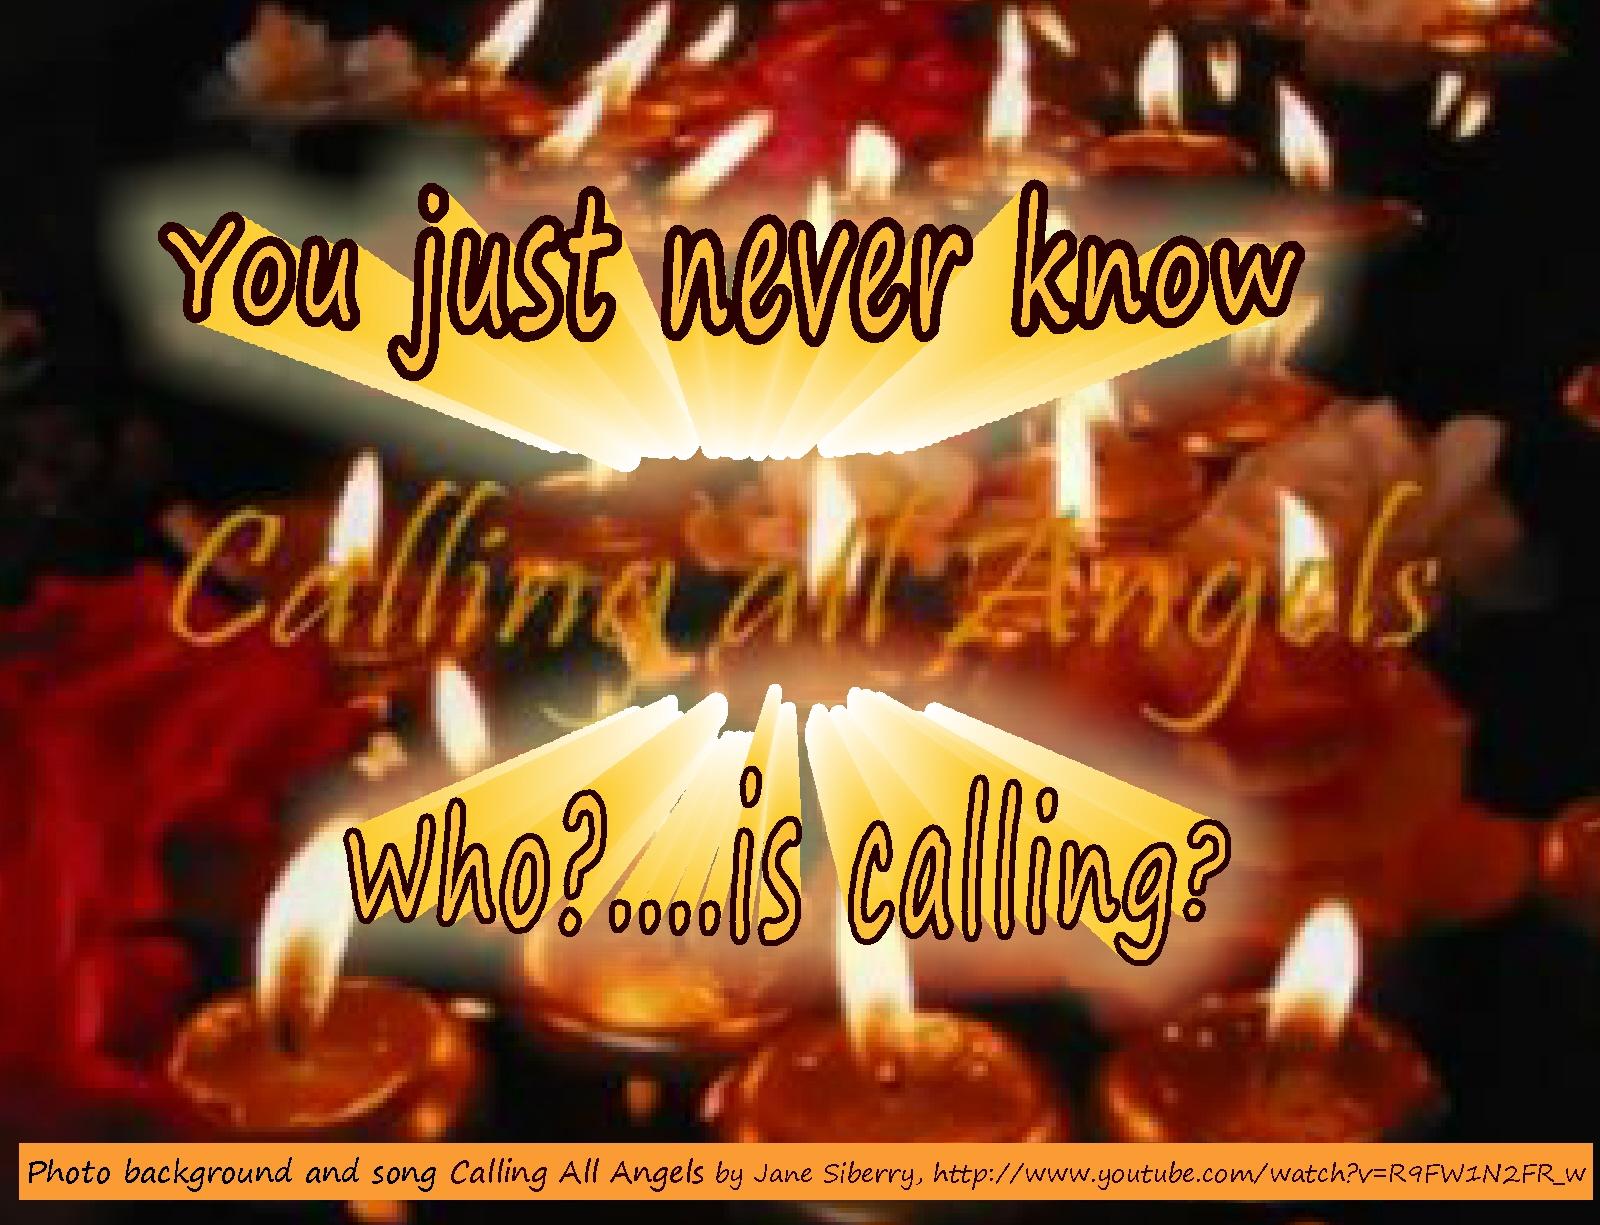 Call on angels lyrics